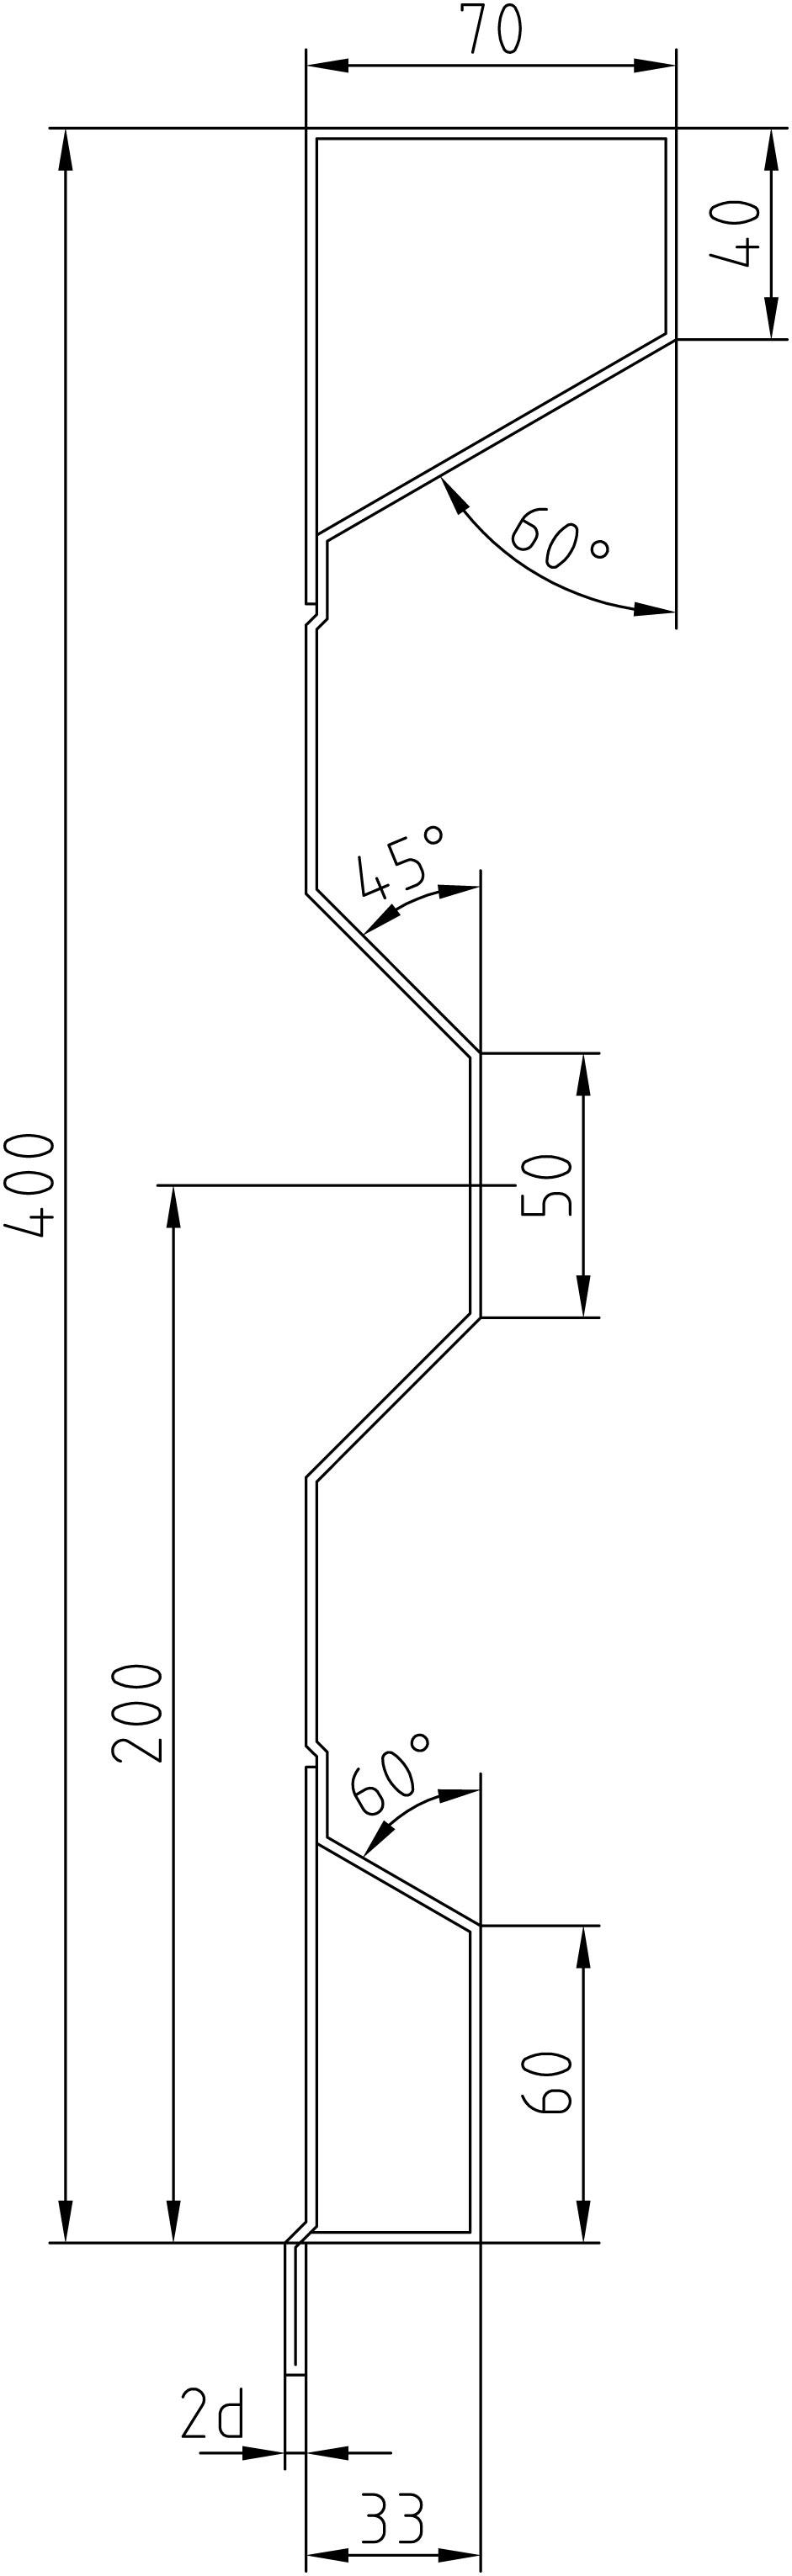 Brantner Kipper und Anhänger - 400x2x6008 AW samt EL o. BW- Verb. ohne PW- Bolzen